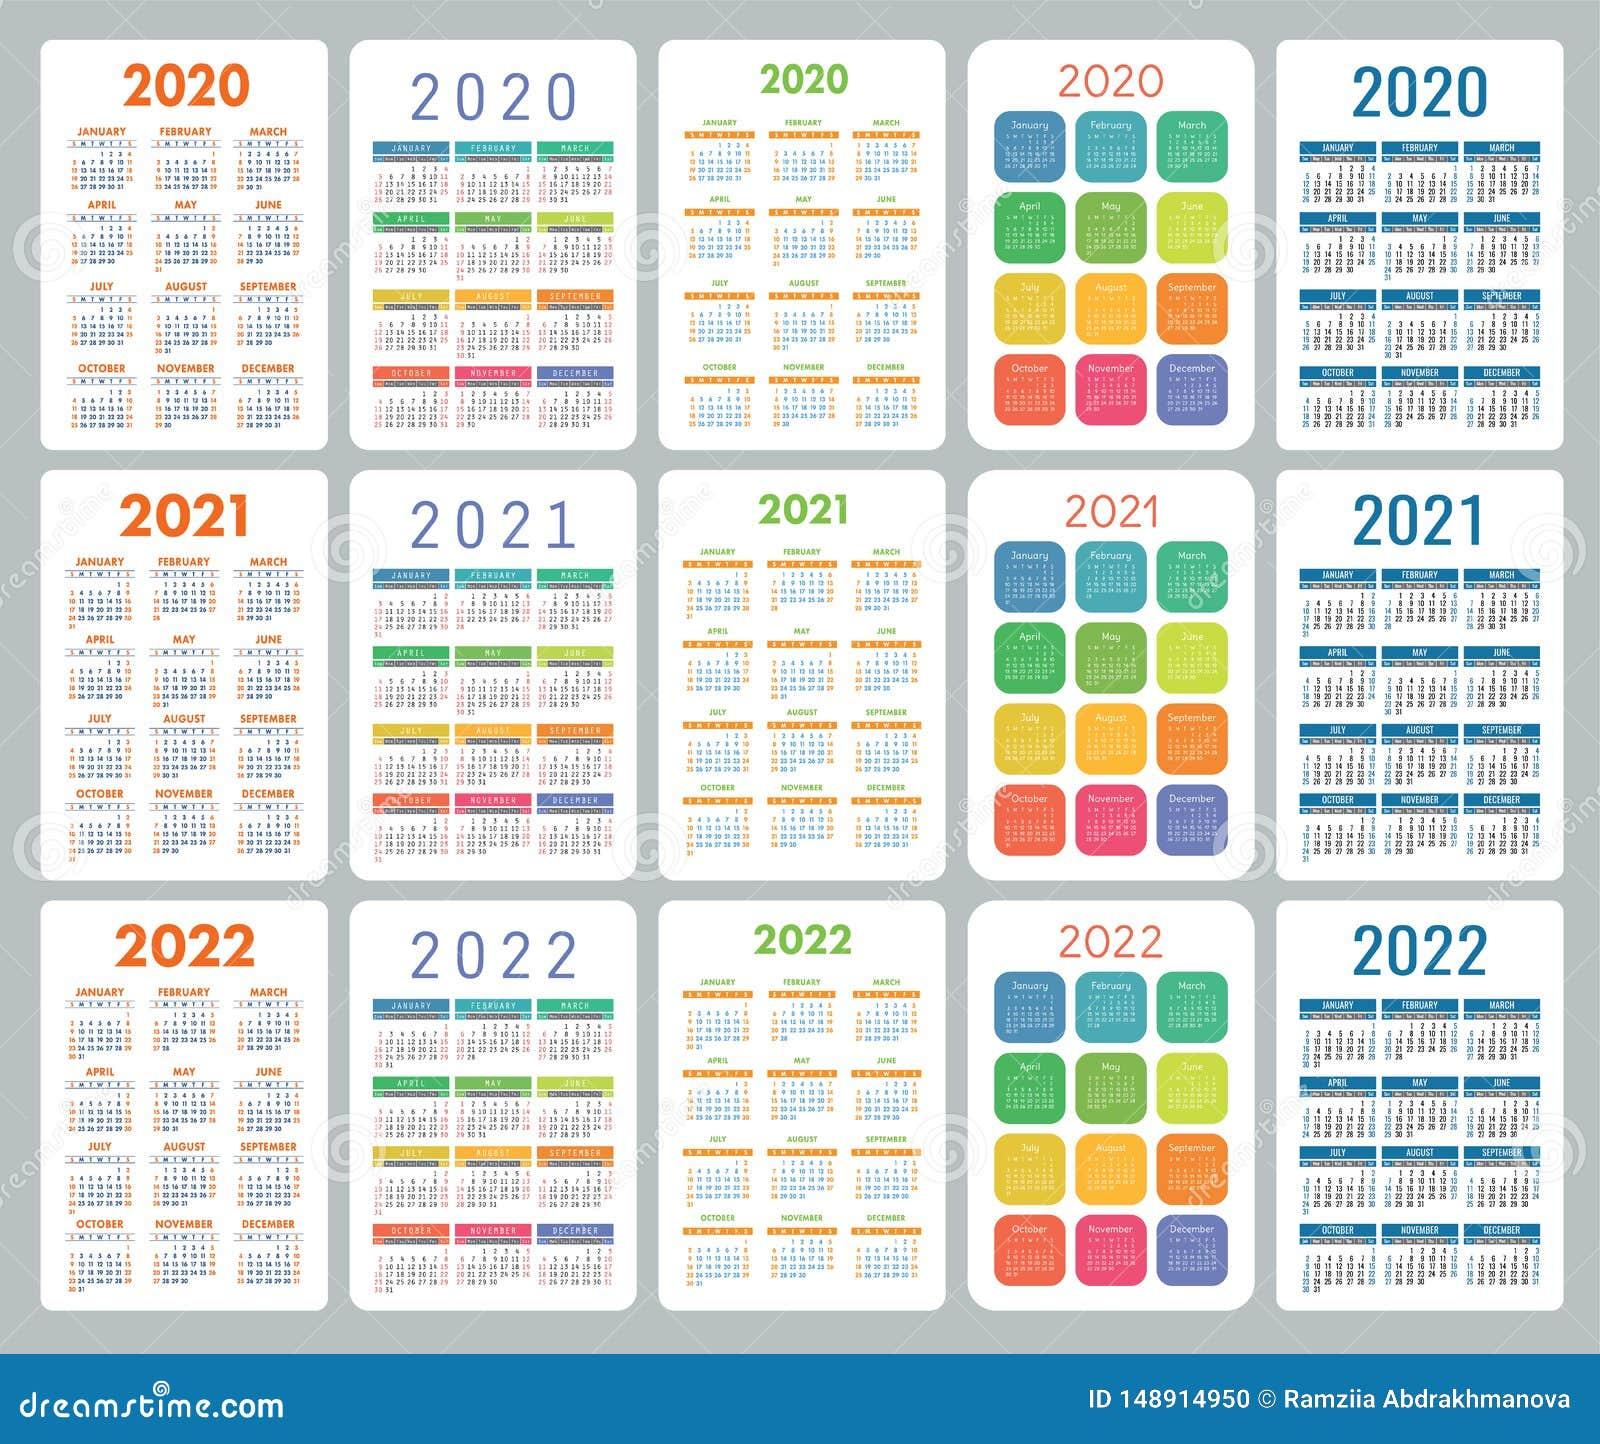 Calendrier 2020 Semaine.Calendrier 2020 2021 Et 2022 Ans Ensemble Color De Vecteur